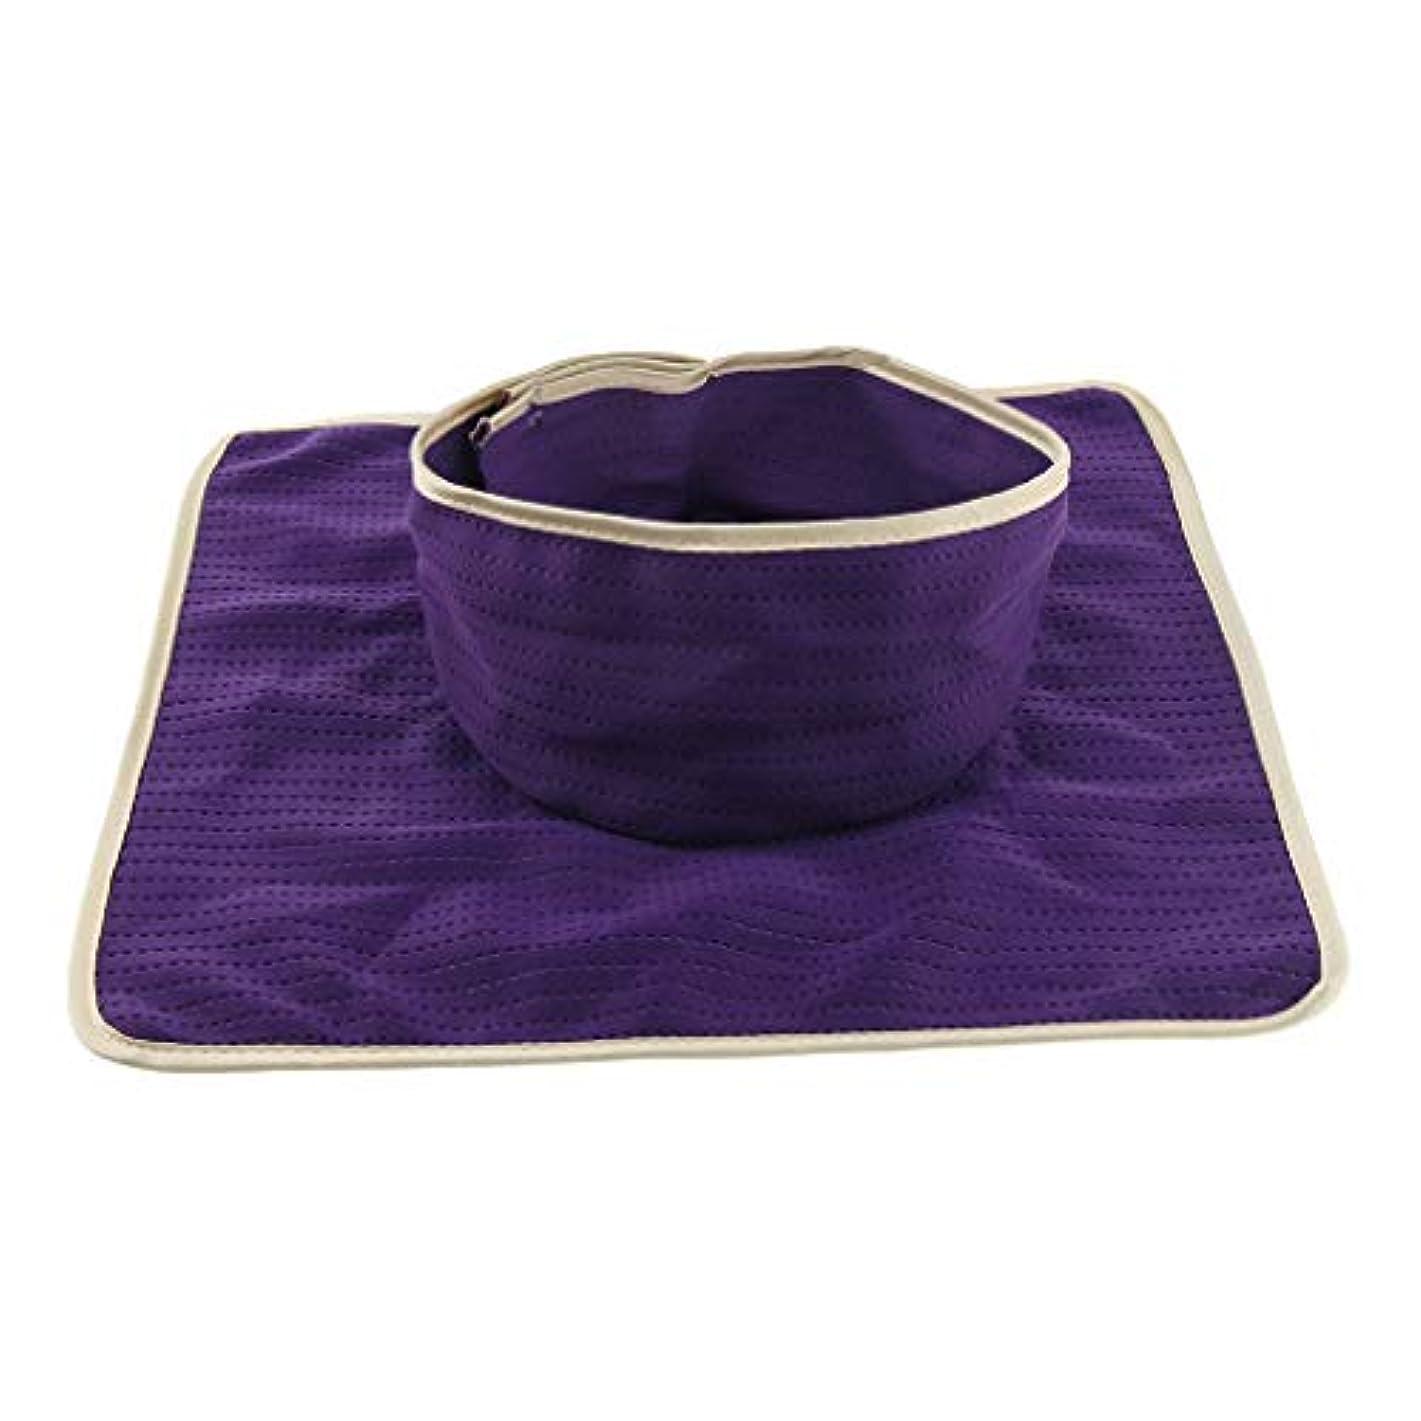 インタビューオートマトンプロフェッショナルD DOLITY マッサージ ベッド テーブル ヘッドパッド 頭の穴付 再使用可能 約35×35cm 全3色 - 紫